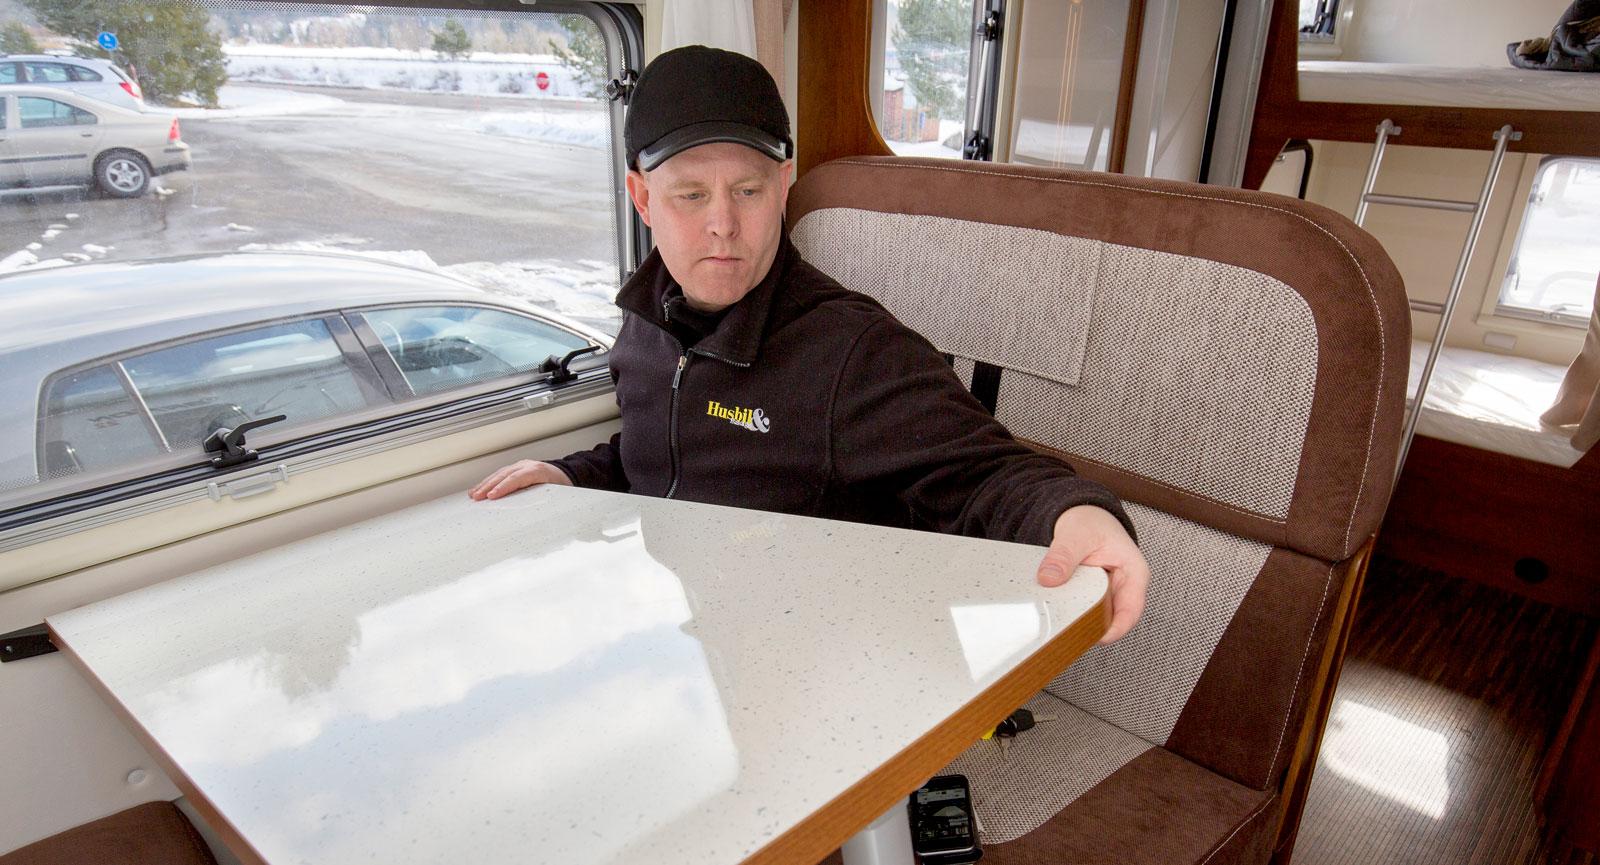 Vägghängda bord som på ett enkelt sätt kan tas bort vid färd eller sänkas ned när det blir dags för bäddning.